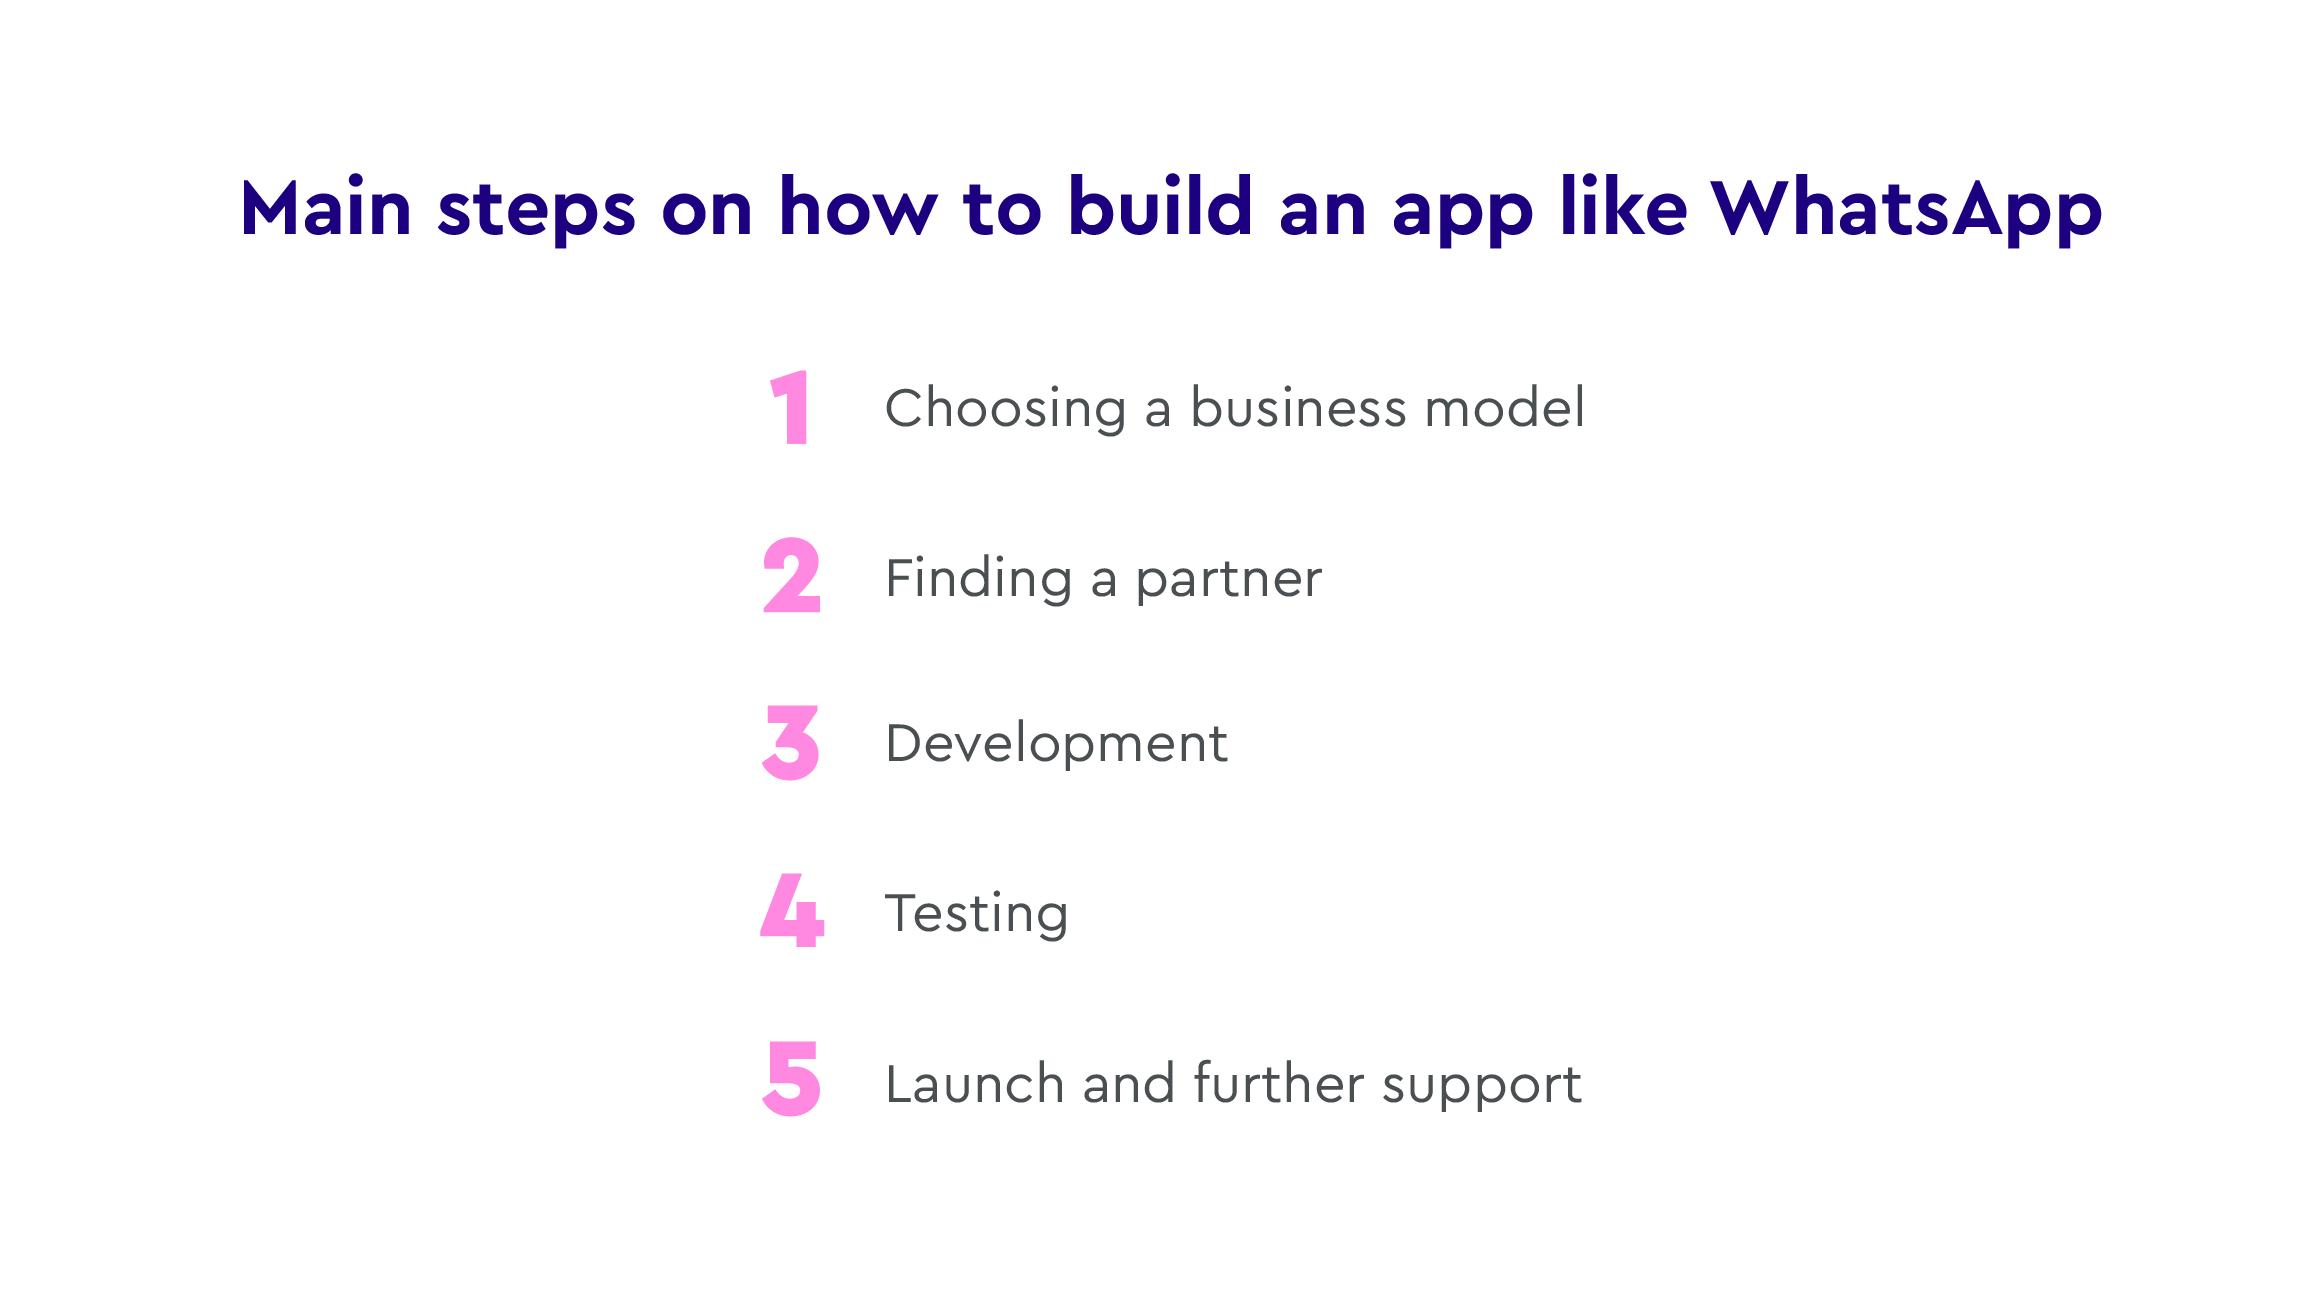 Steps to create a WhatsApp-like app